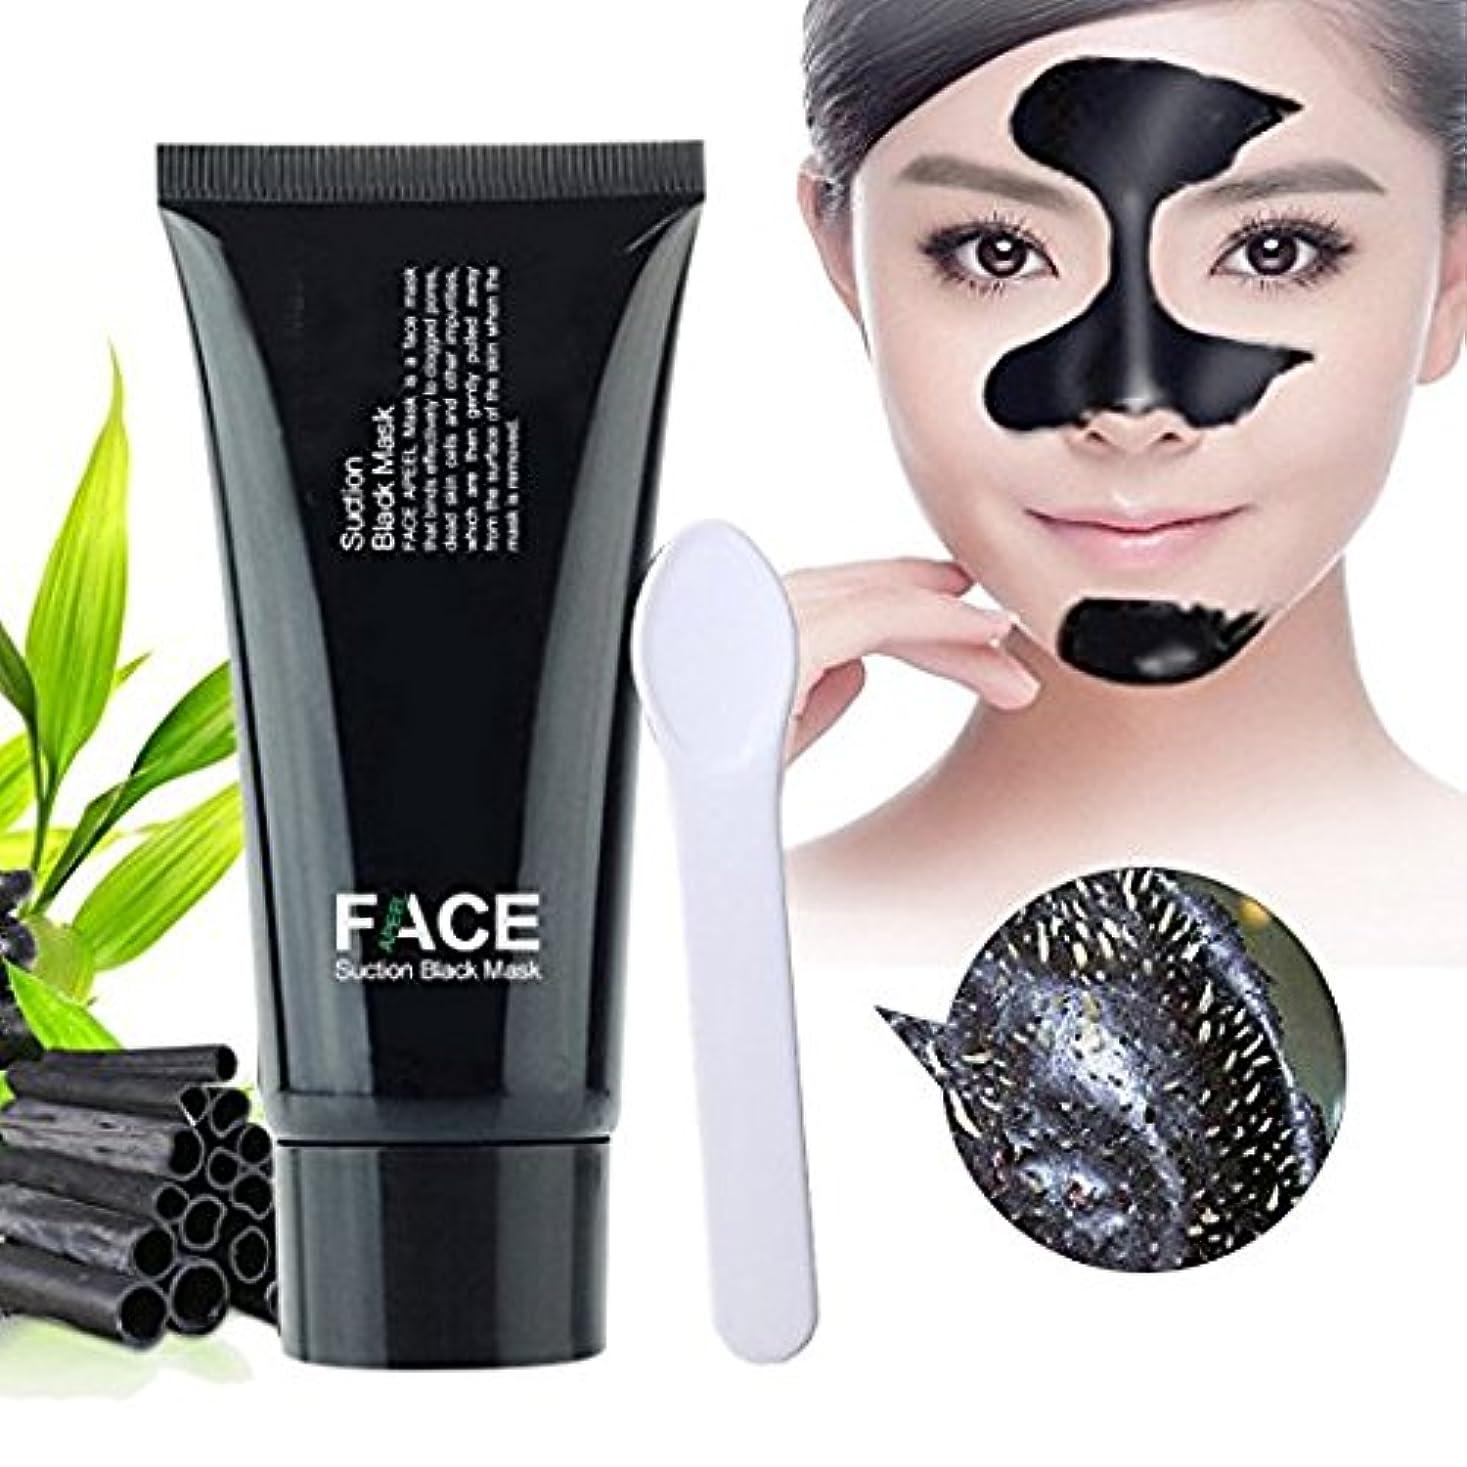 協同それにもかかわらず満員Blackhead Remover Mask, FaceApeel-Peel Off Black Head Acne Treatments,Face Cleaning Mask+Spoon